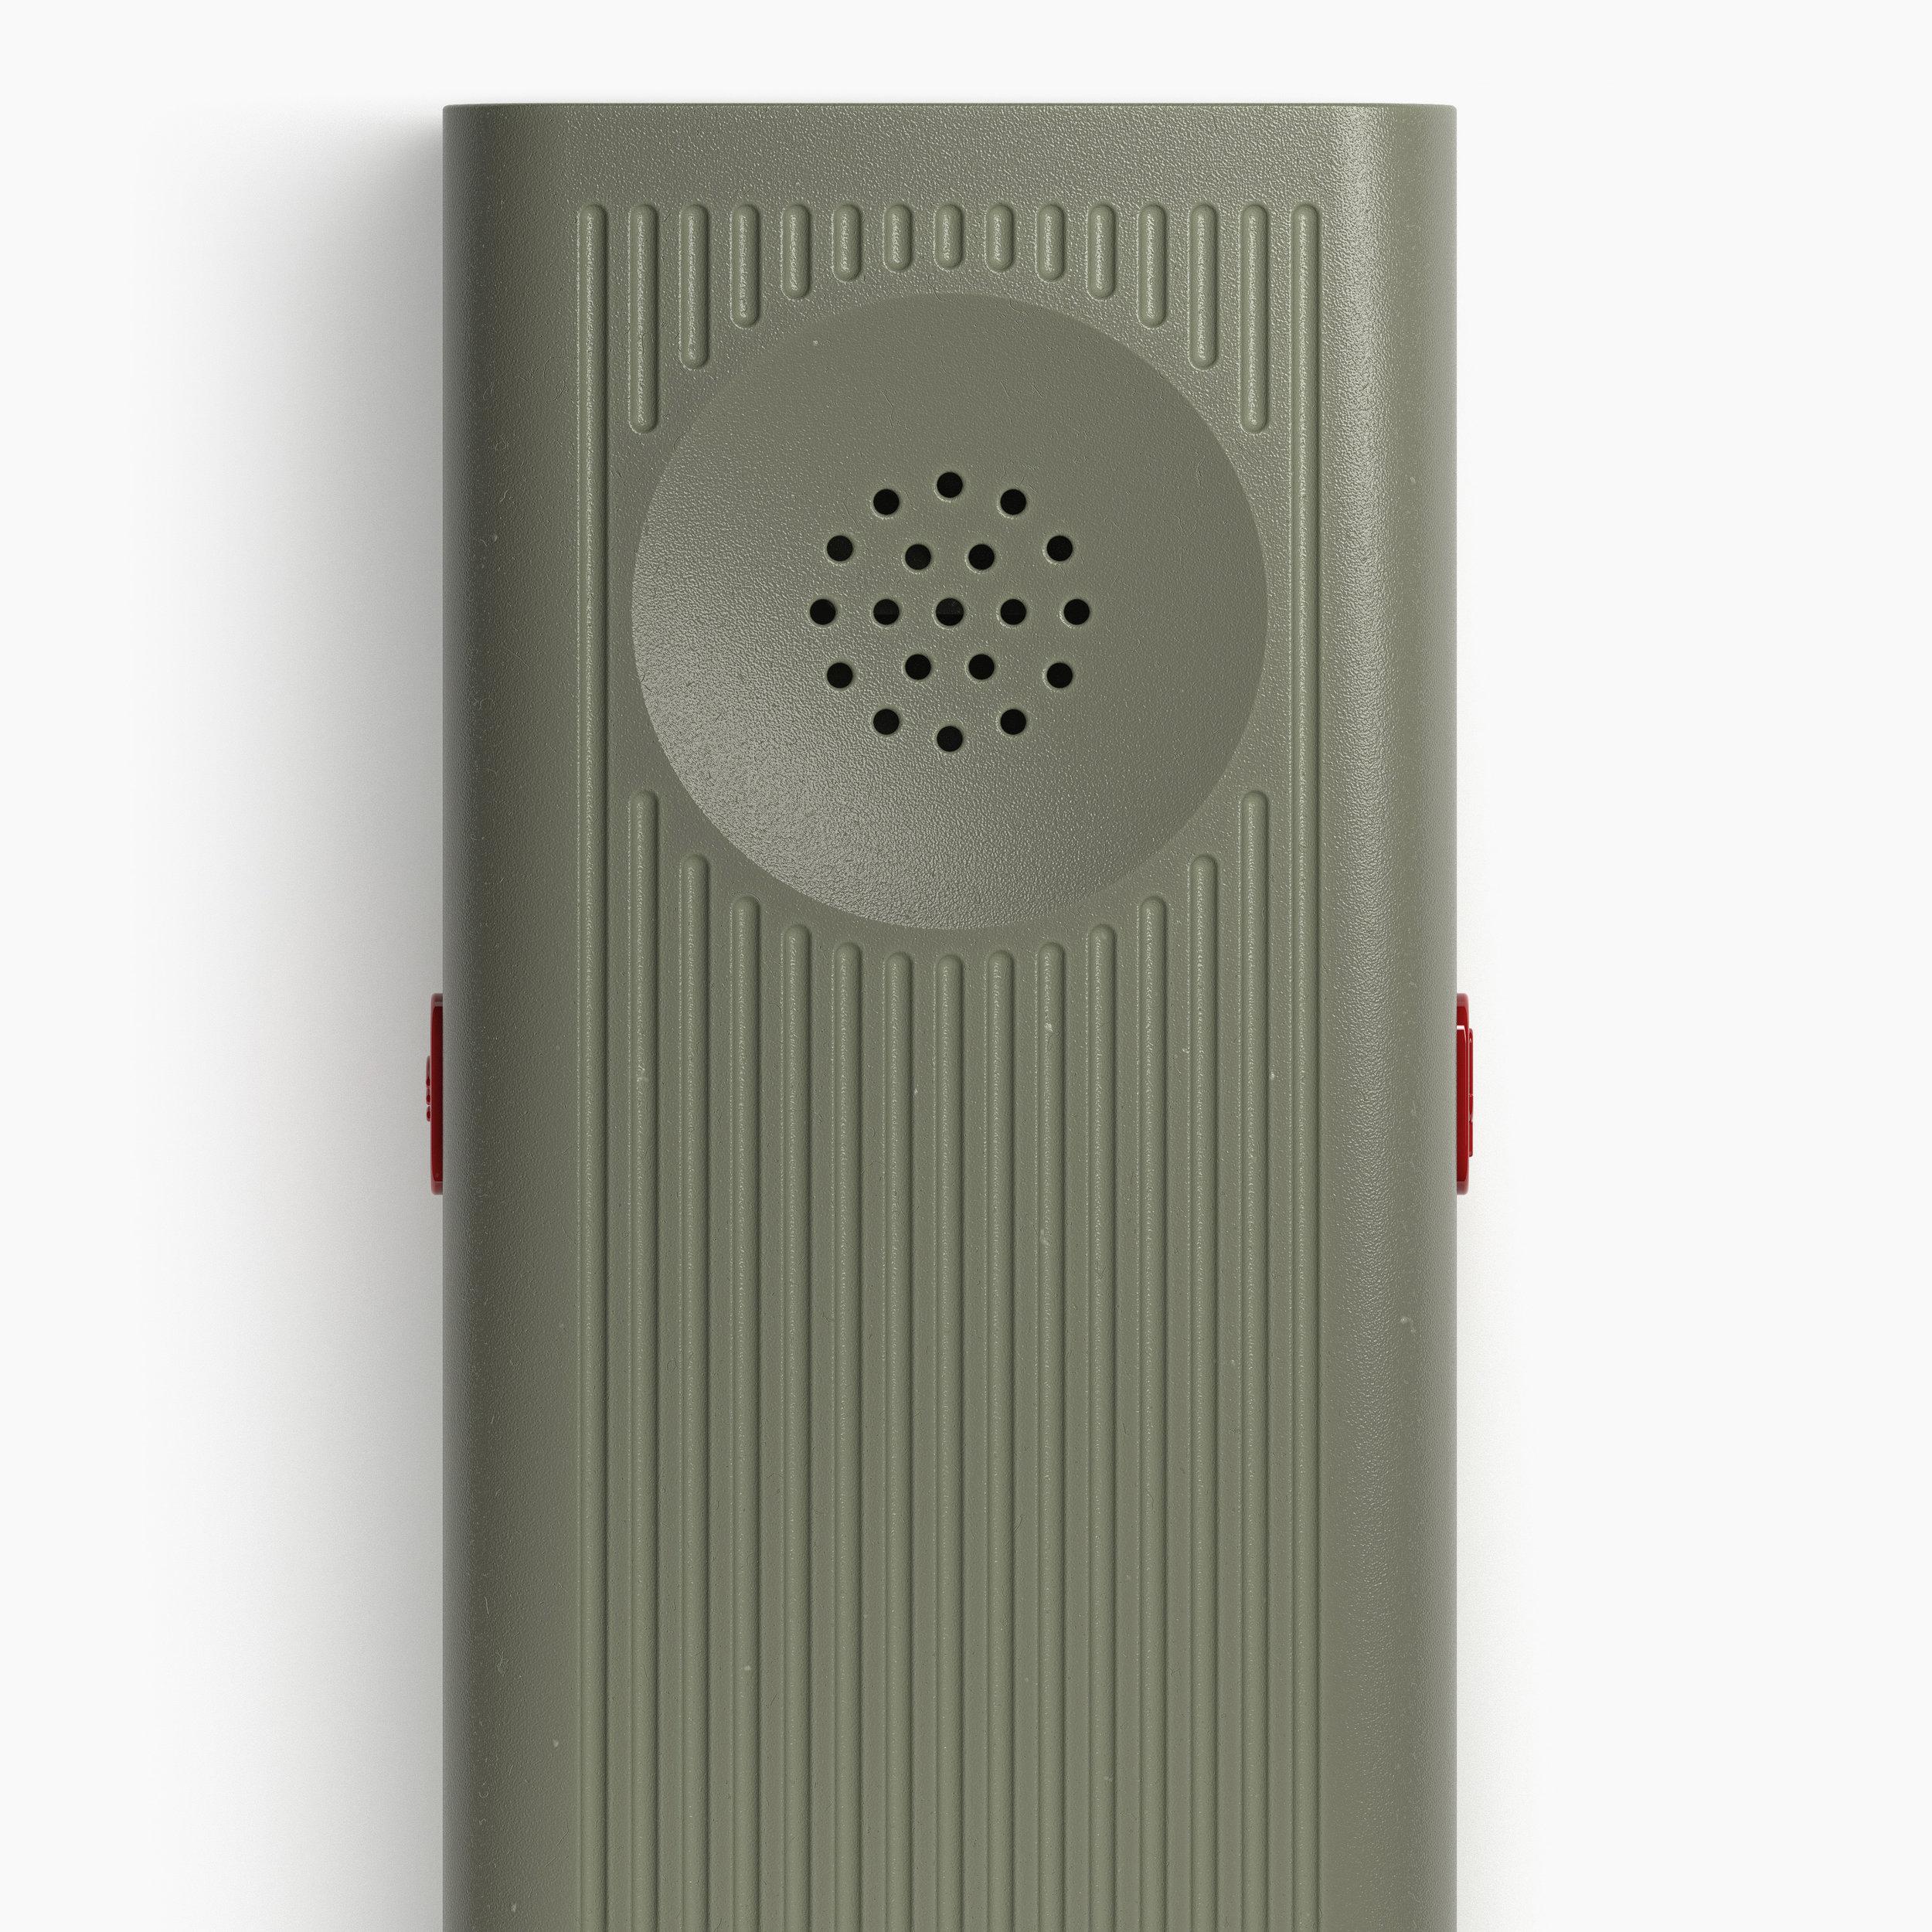 C1_Communicator.01.jpg